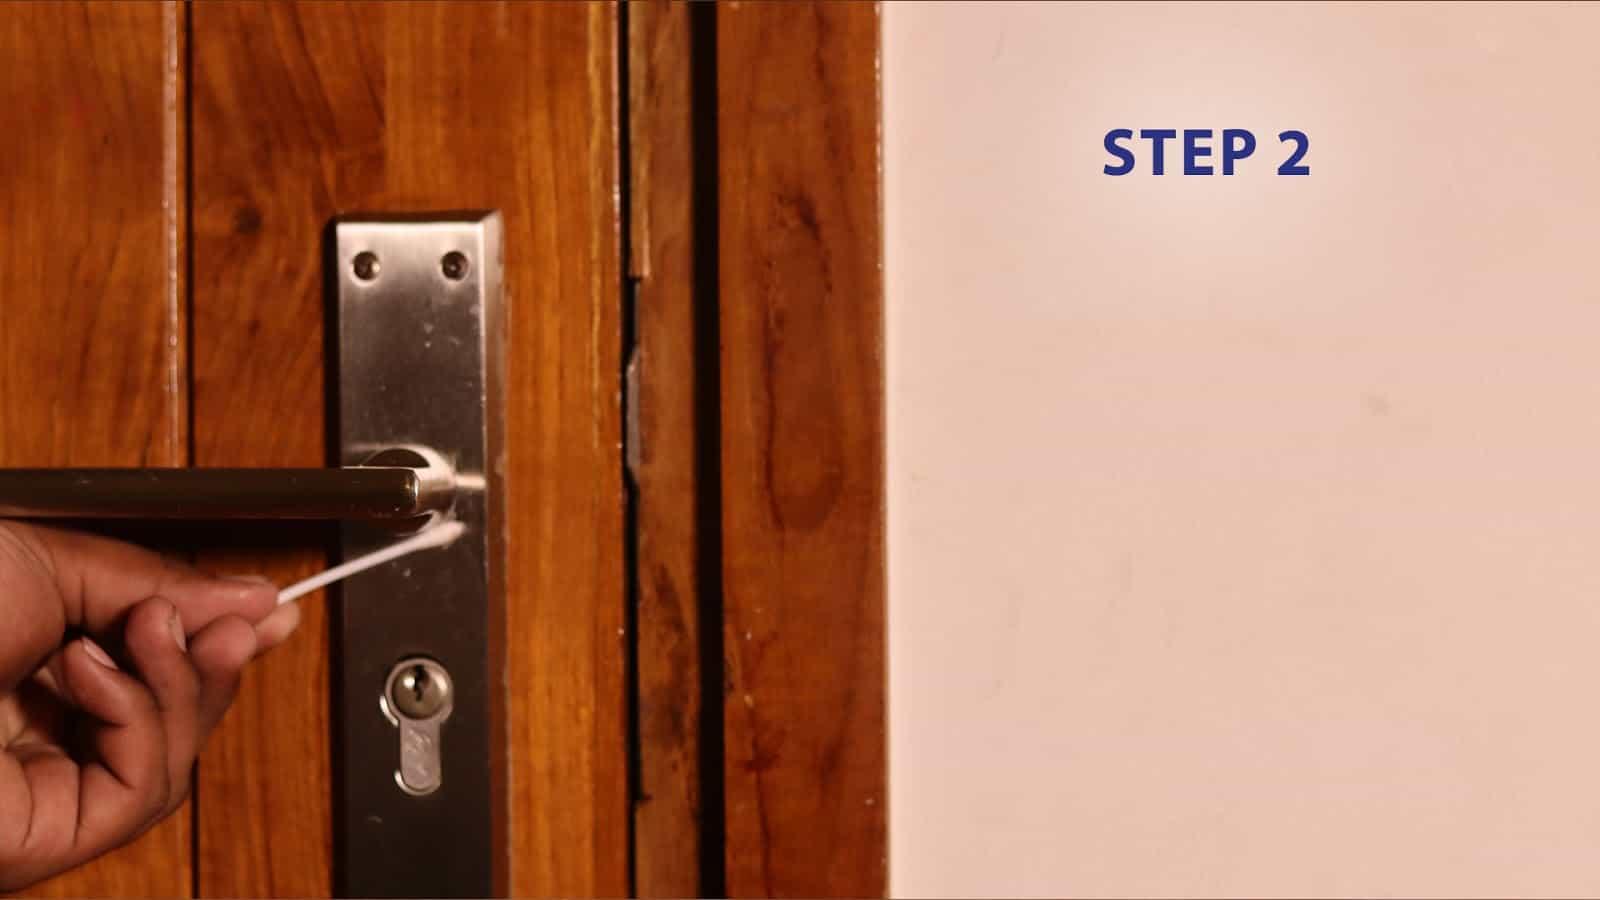 20 1228 wd40 blog door lock step 2